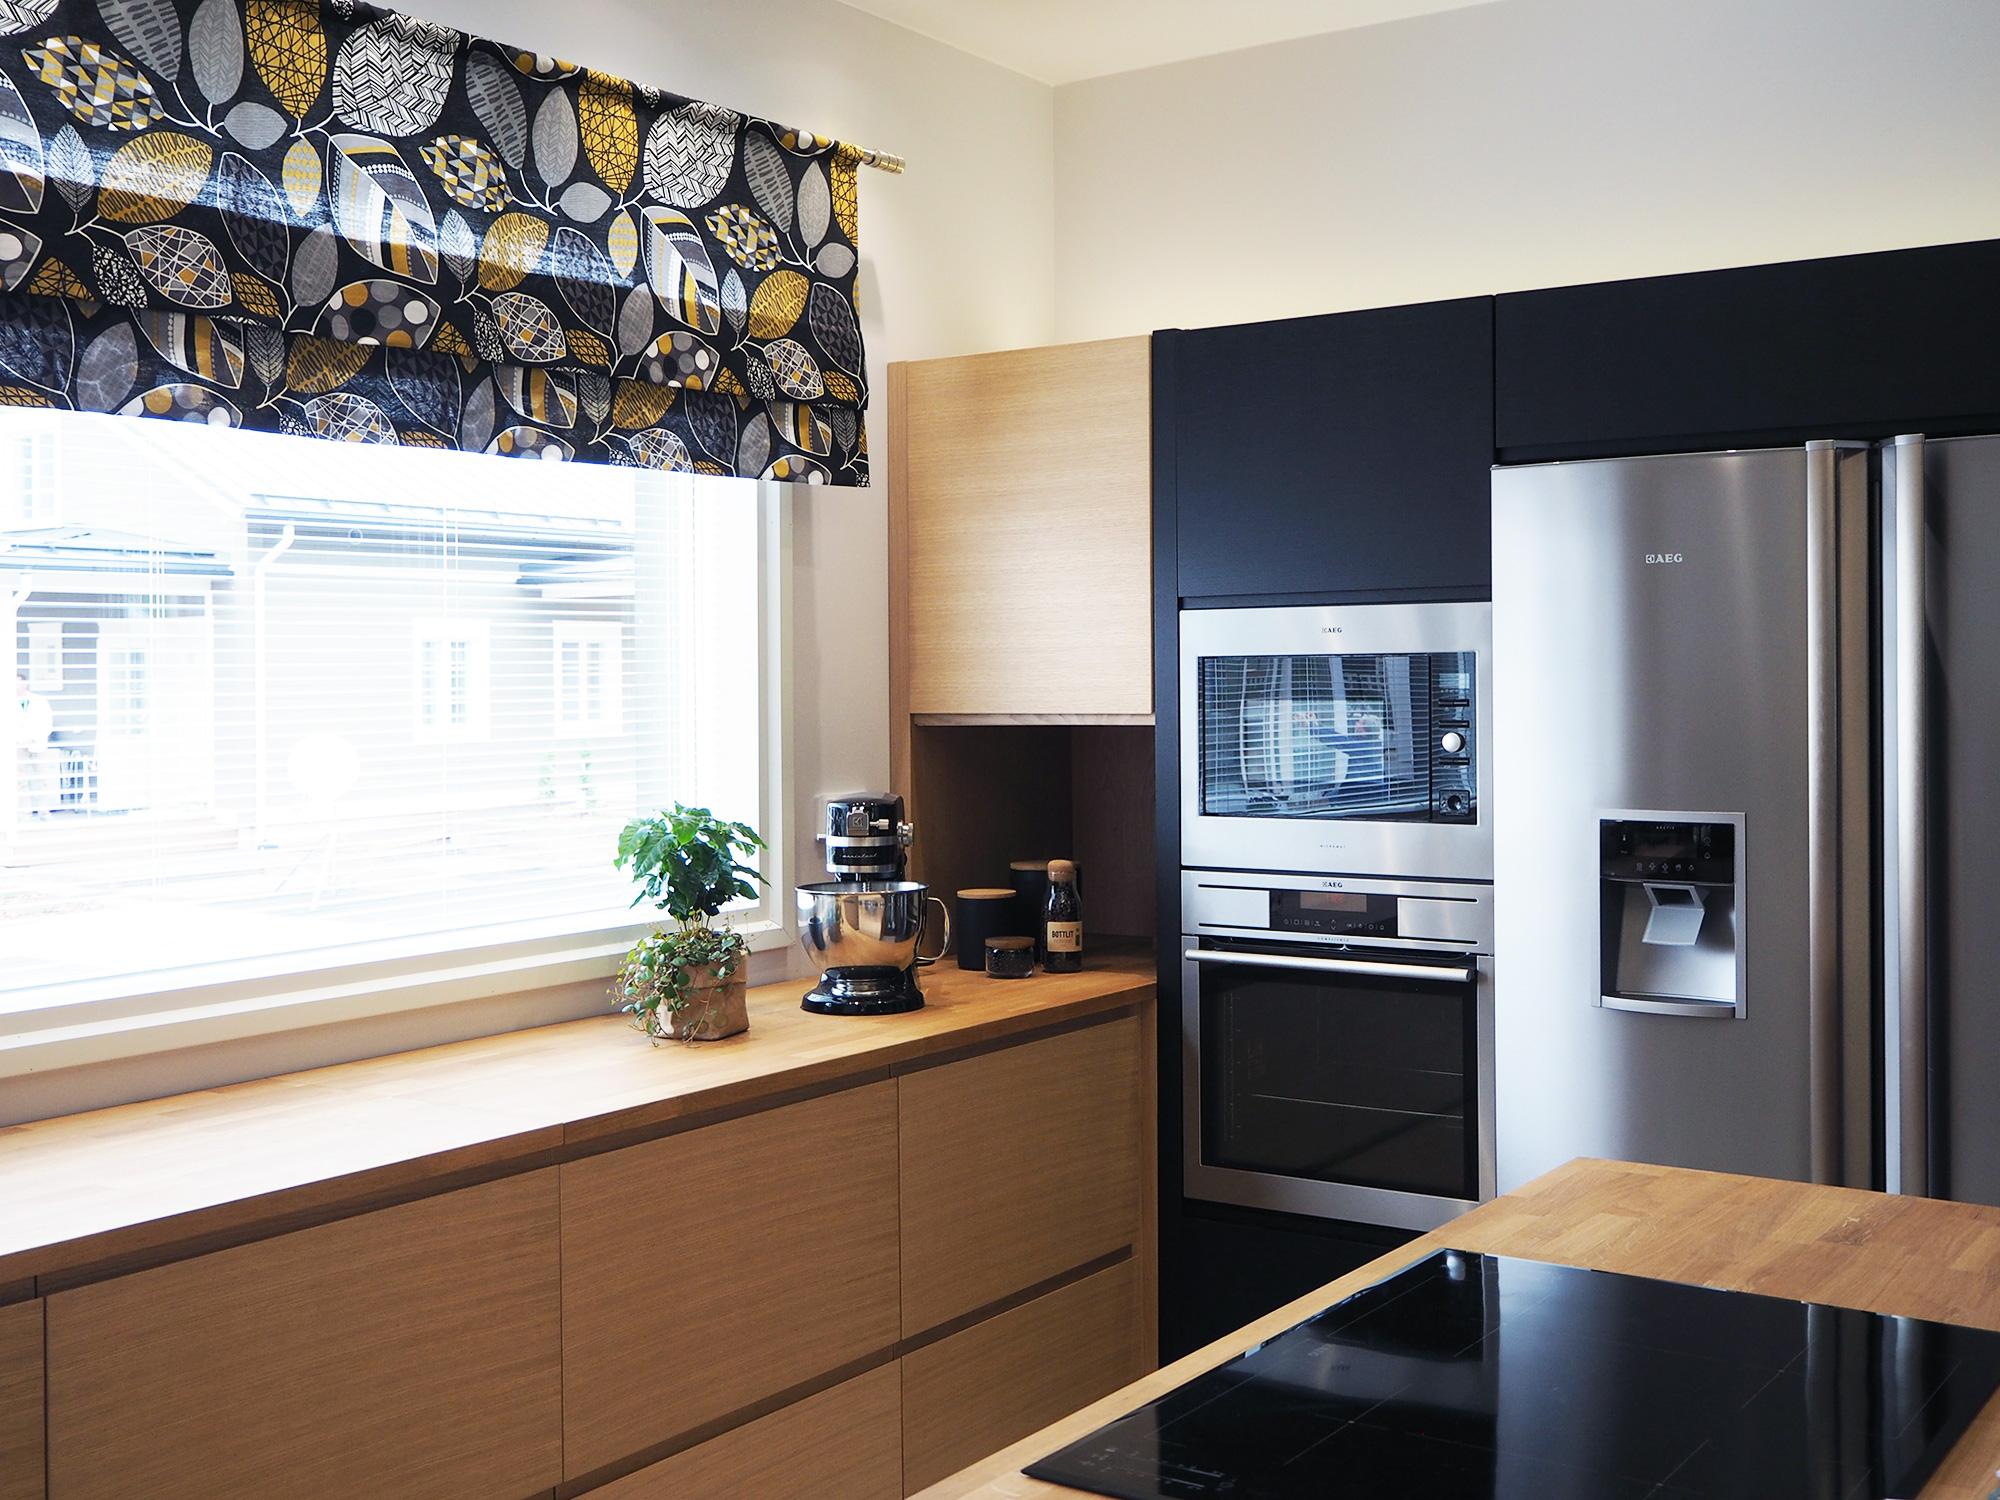 Keittiön suunnittelu  ideoita asuntomessuilta  Etuovi com Ideat & vinkit